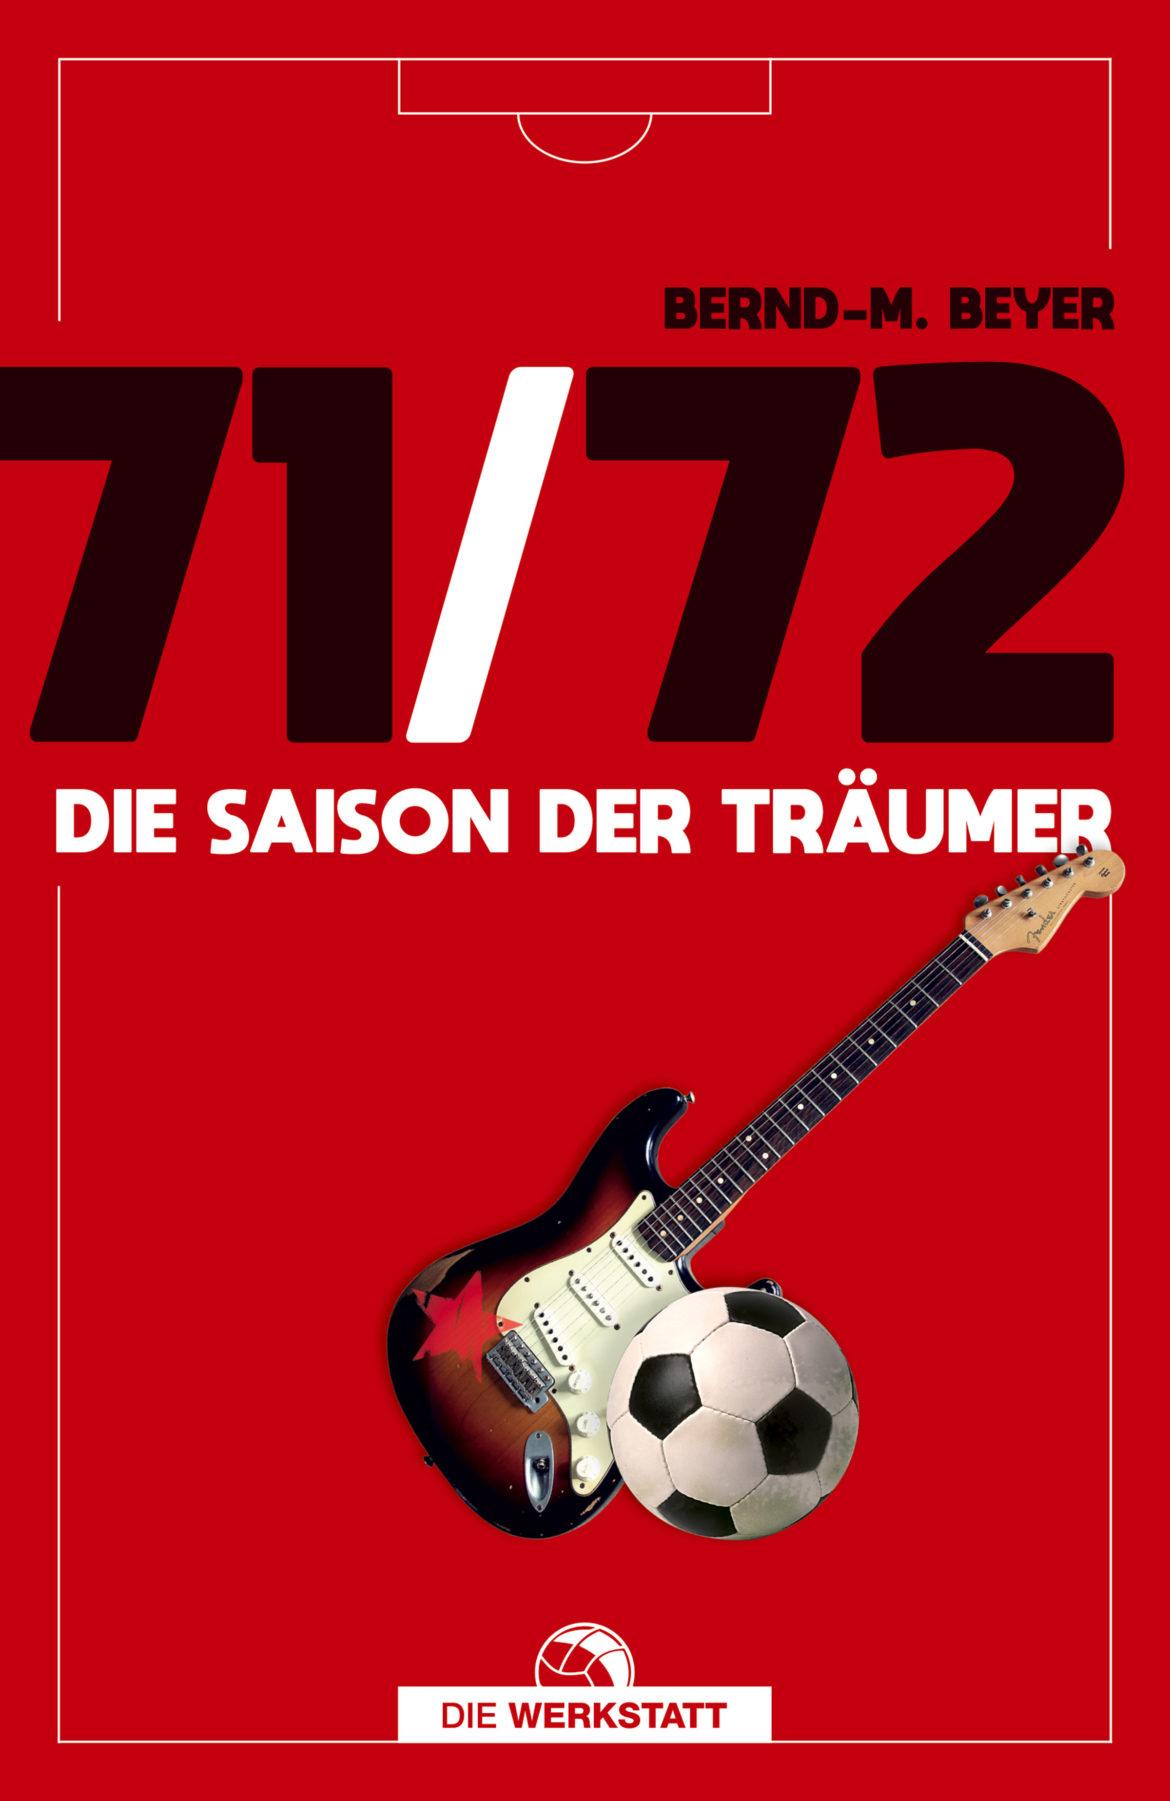 """Buchrezension: """"71/72 – Die Saison der Träumer"""""""